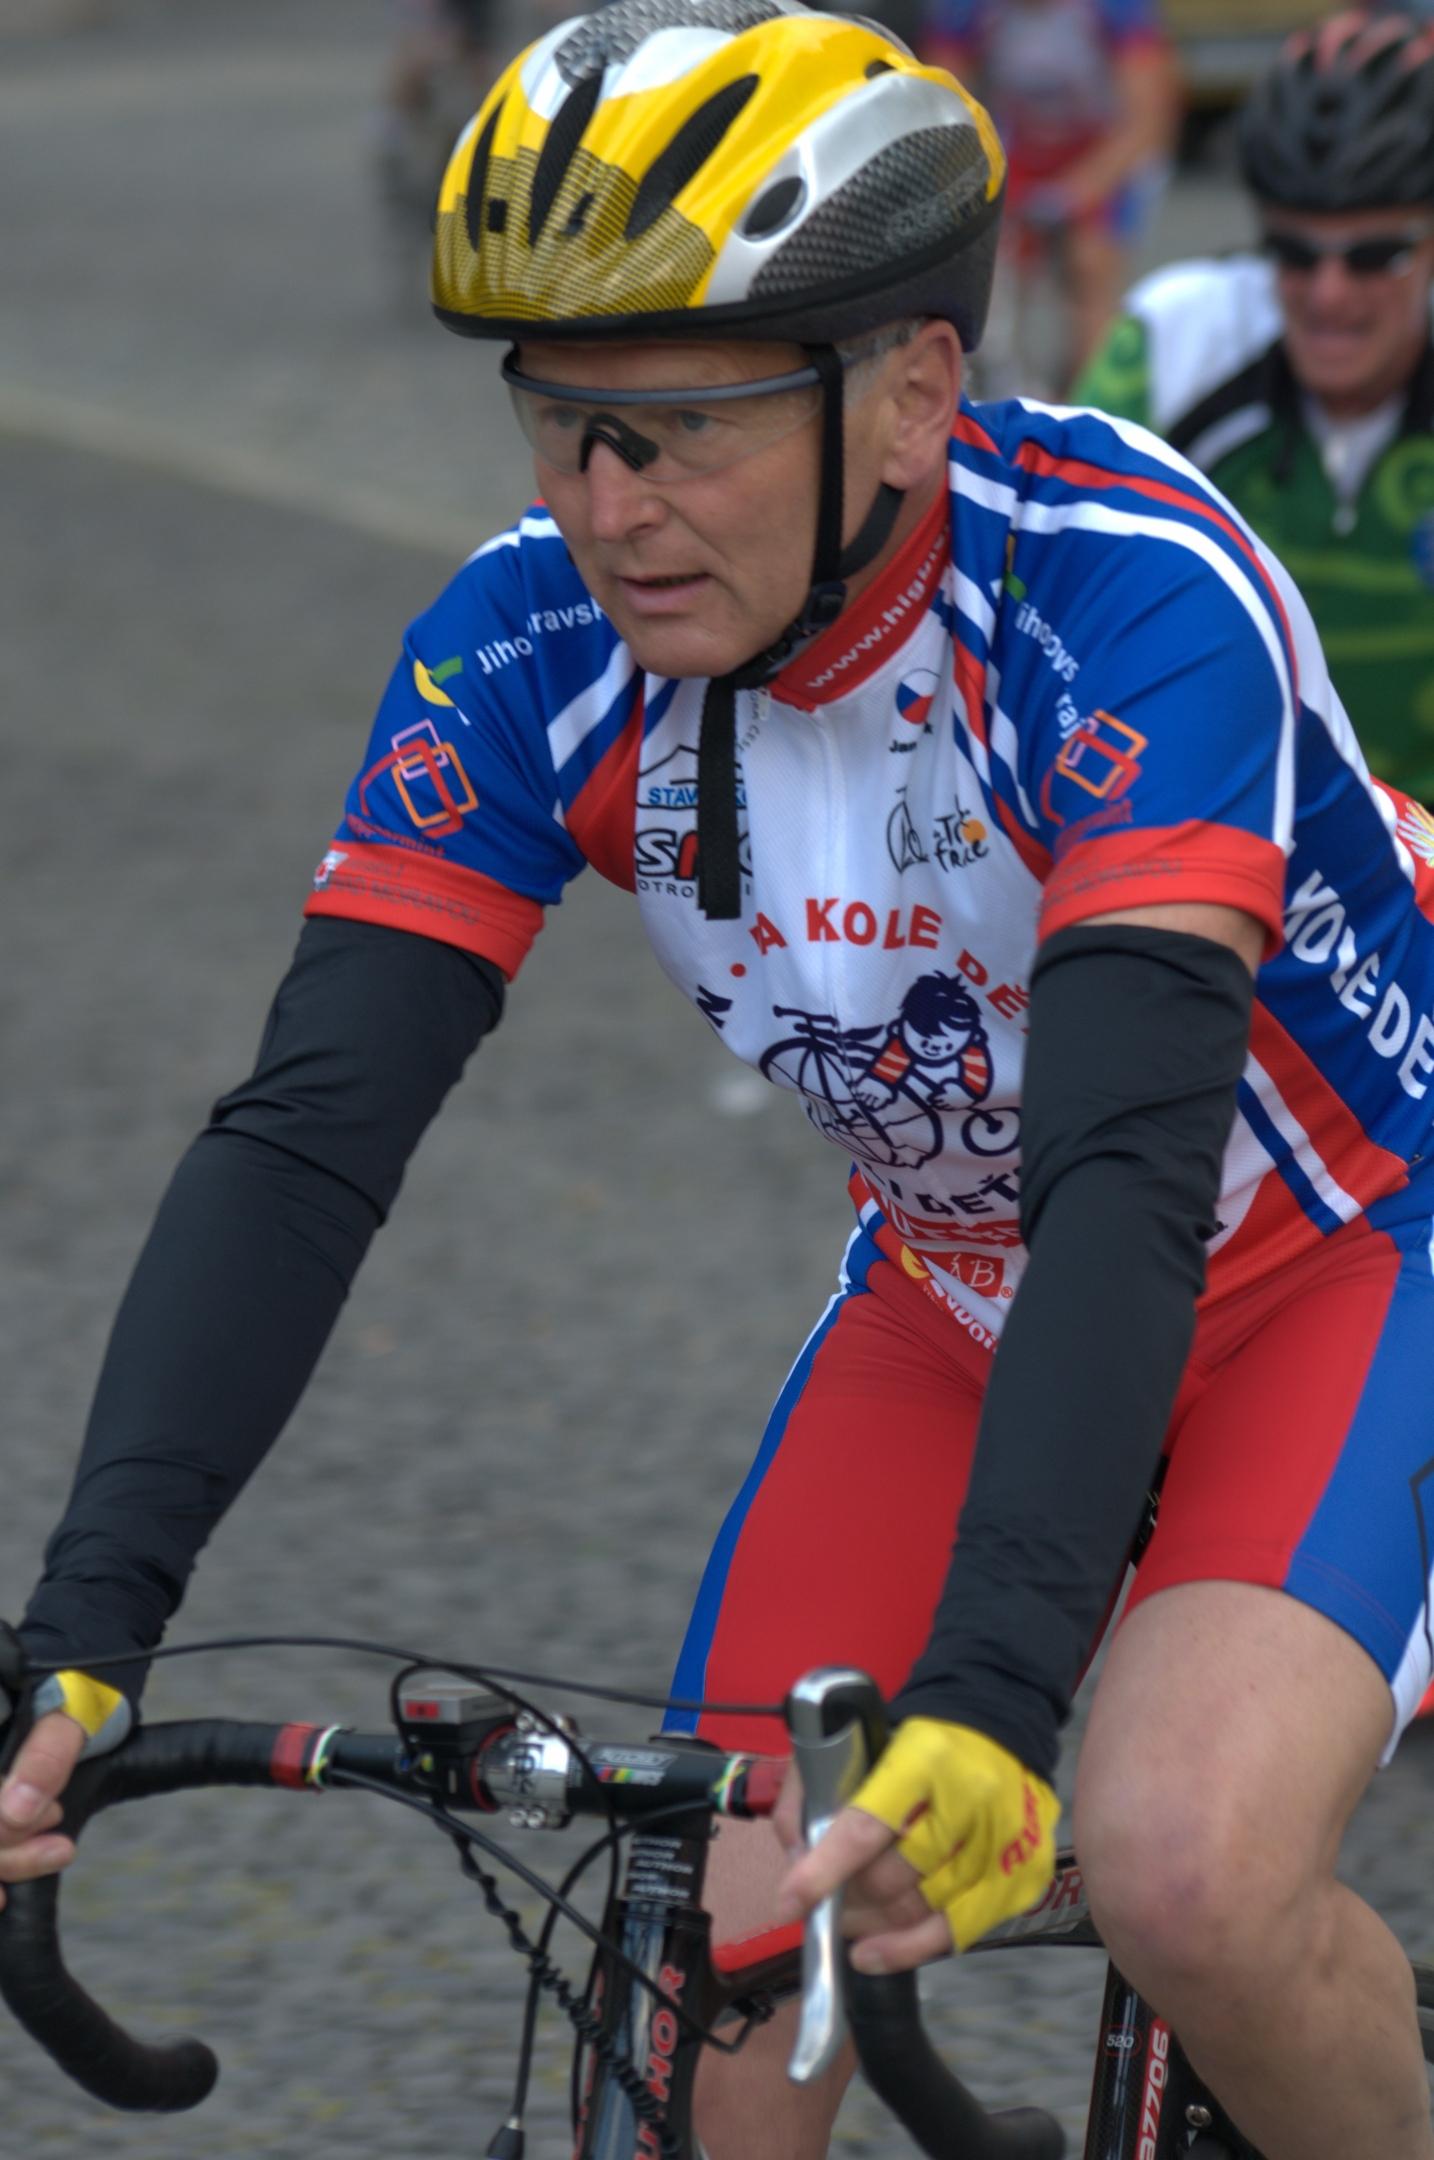 Jan Pirk v sedle kola během cyklotour Na kole dětem. Foto: archiv Jana Pirka